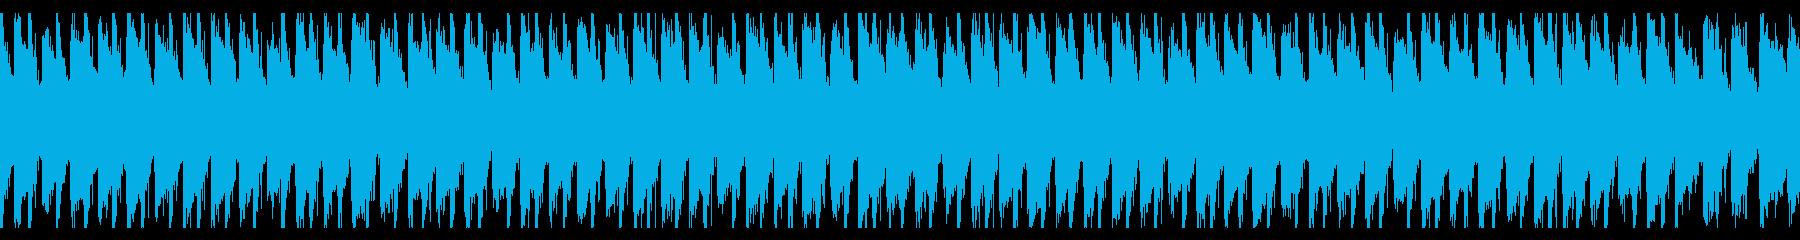 アップビートでハッピーポップ(ループ)の再生済みの波形